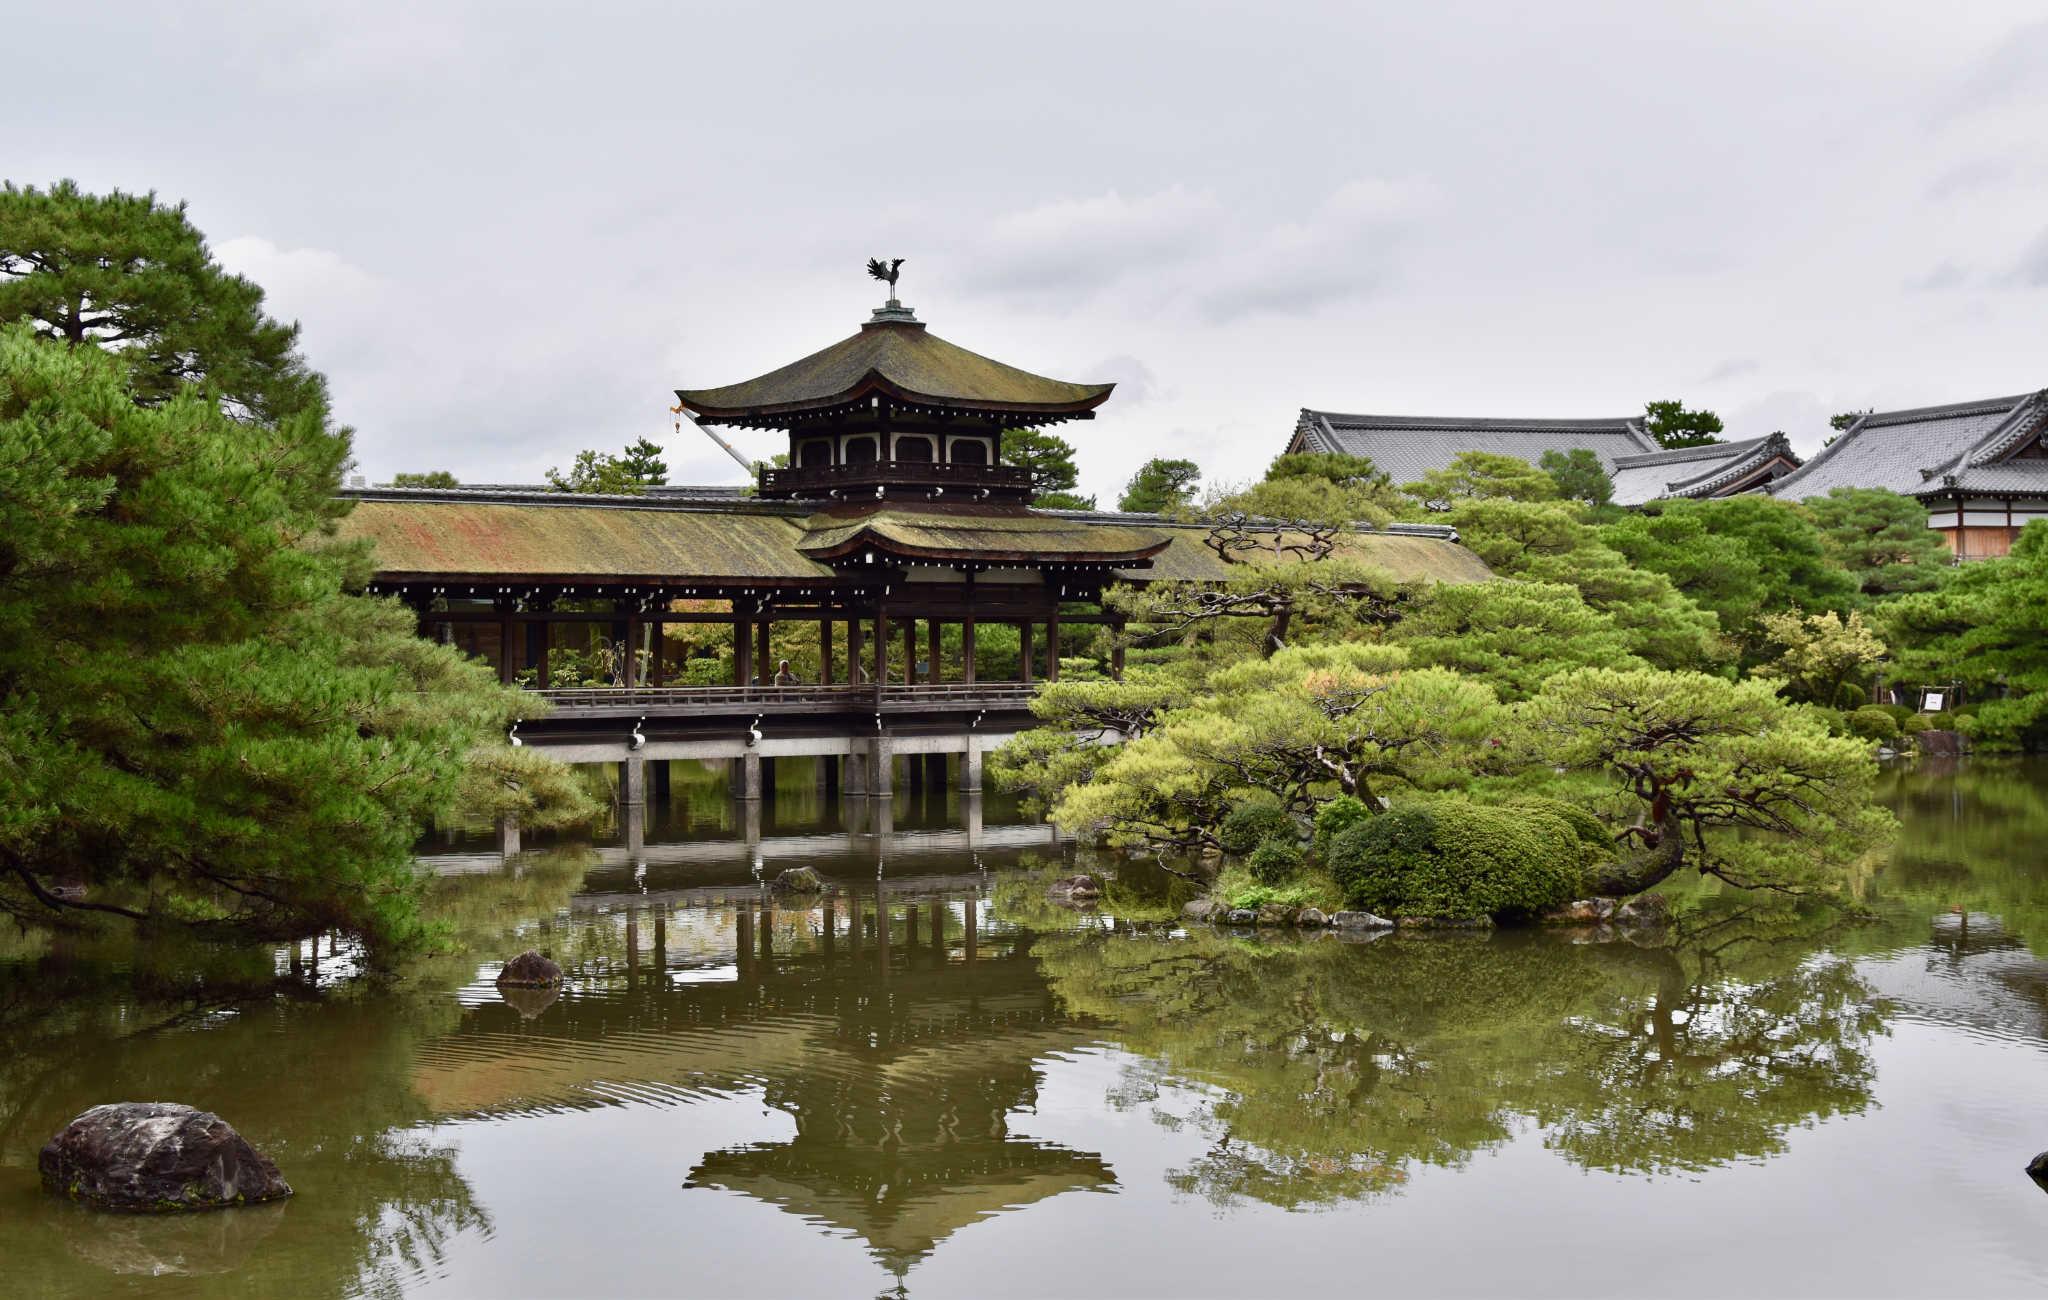 Le pont offre un point de vue unique sur les jardins